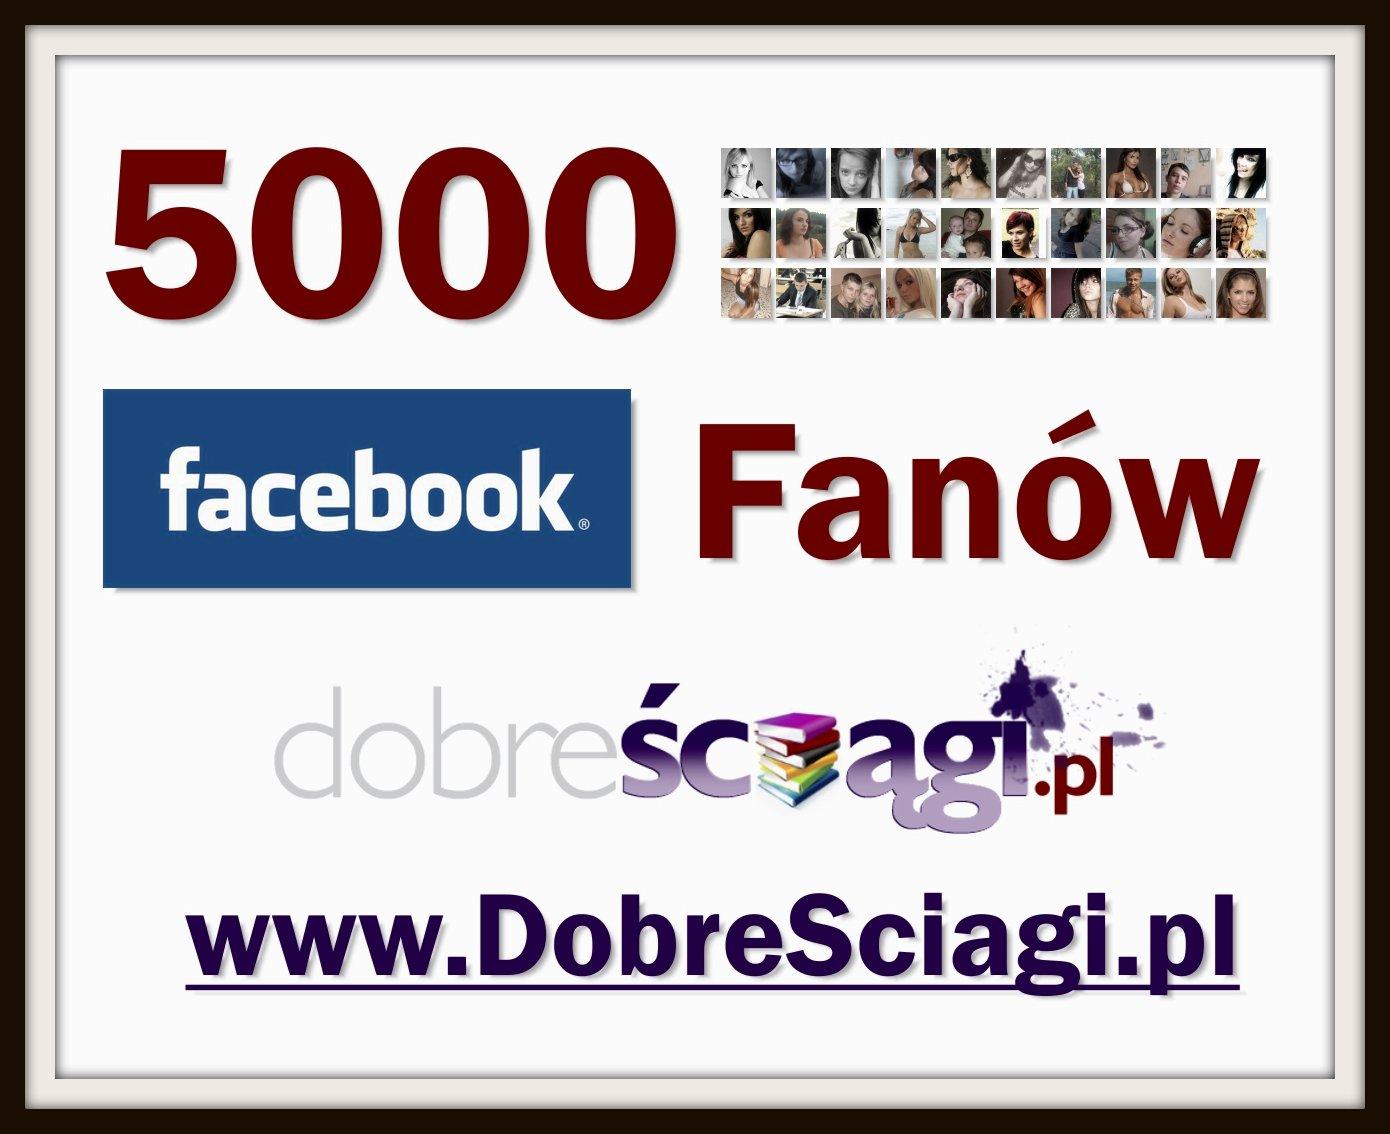 Facebook 5000 fanów DobreSciagi.pl